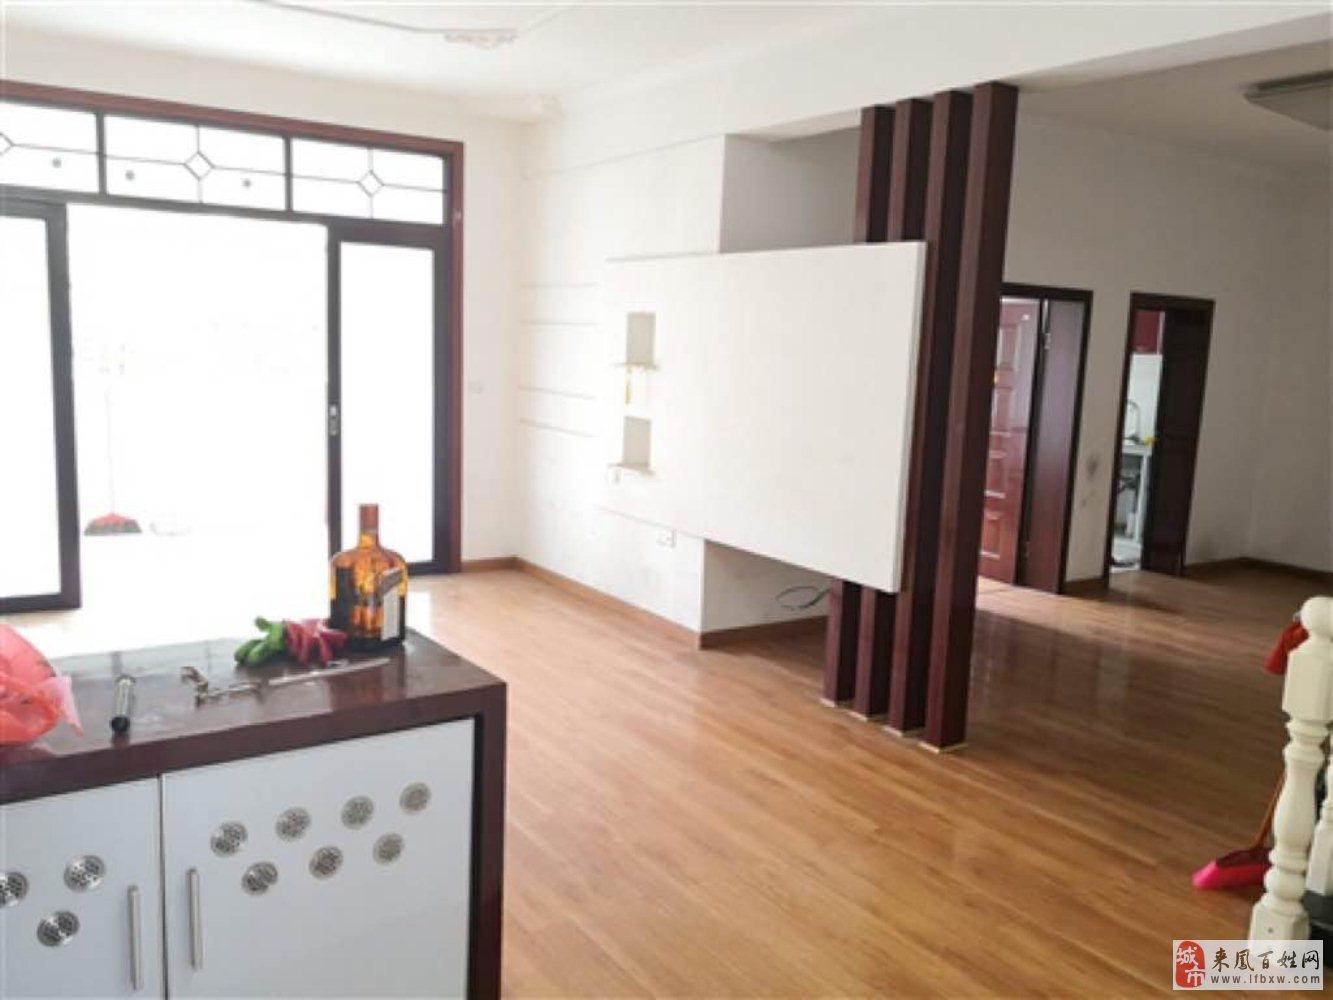 望族花园小区3室2厅2卫59.8万元